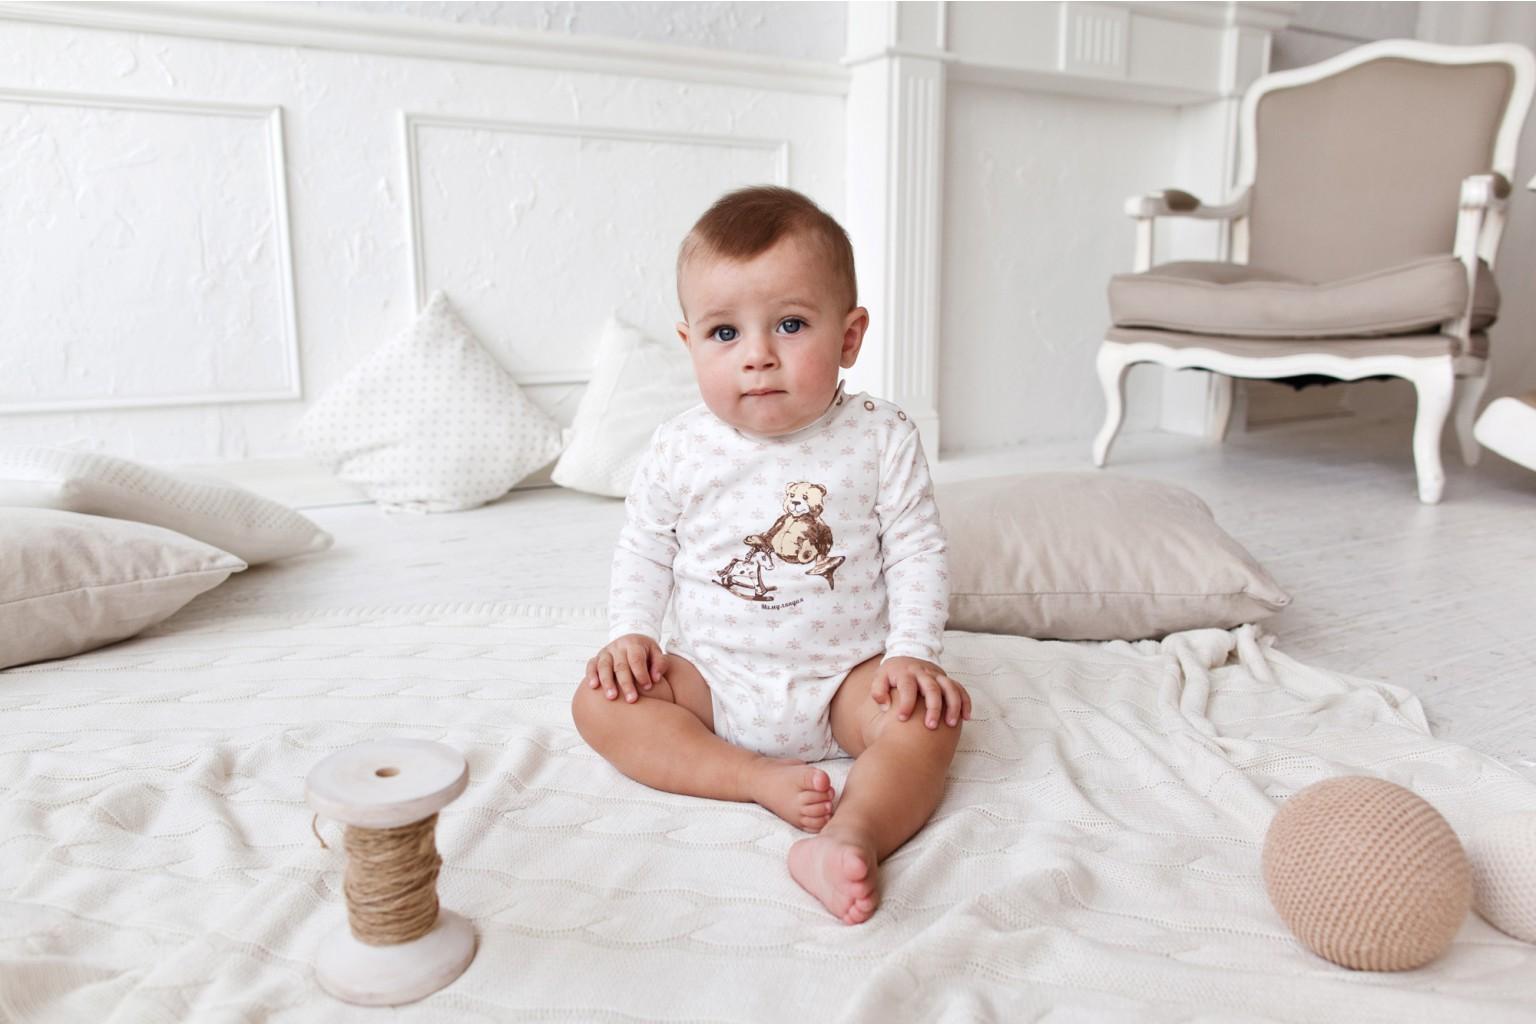 Сбор заказов. Детская дизайнерская одежда Мамуляндия для малышей от 0+ до 92 размера. Распродажа -30% прошлые